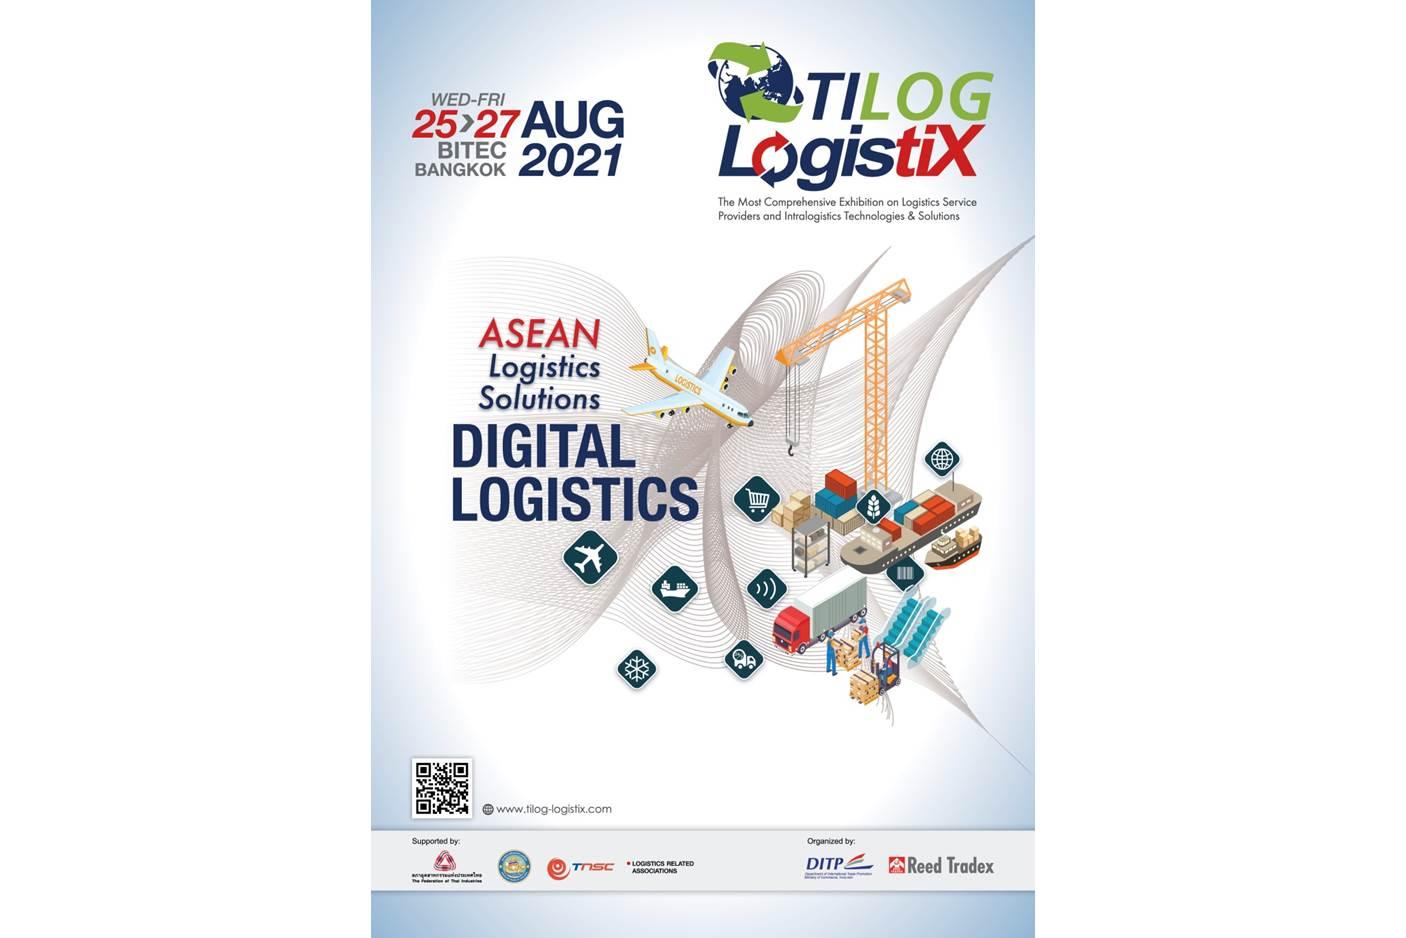 DITP เชิญชวนผู้ประกอบการโลจิสติกส์ เข้าร่วมงานแสดงสินค้า TILOG - LOGISTIX 2021  โชว์นวัตกรรม ขยายเครือข่ายธุรกิจจับคู่ผู้ซื้อทั่วโลก